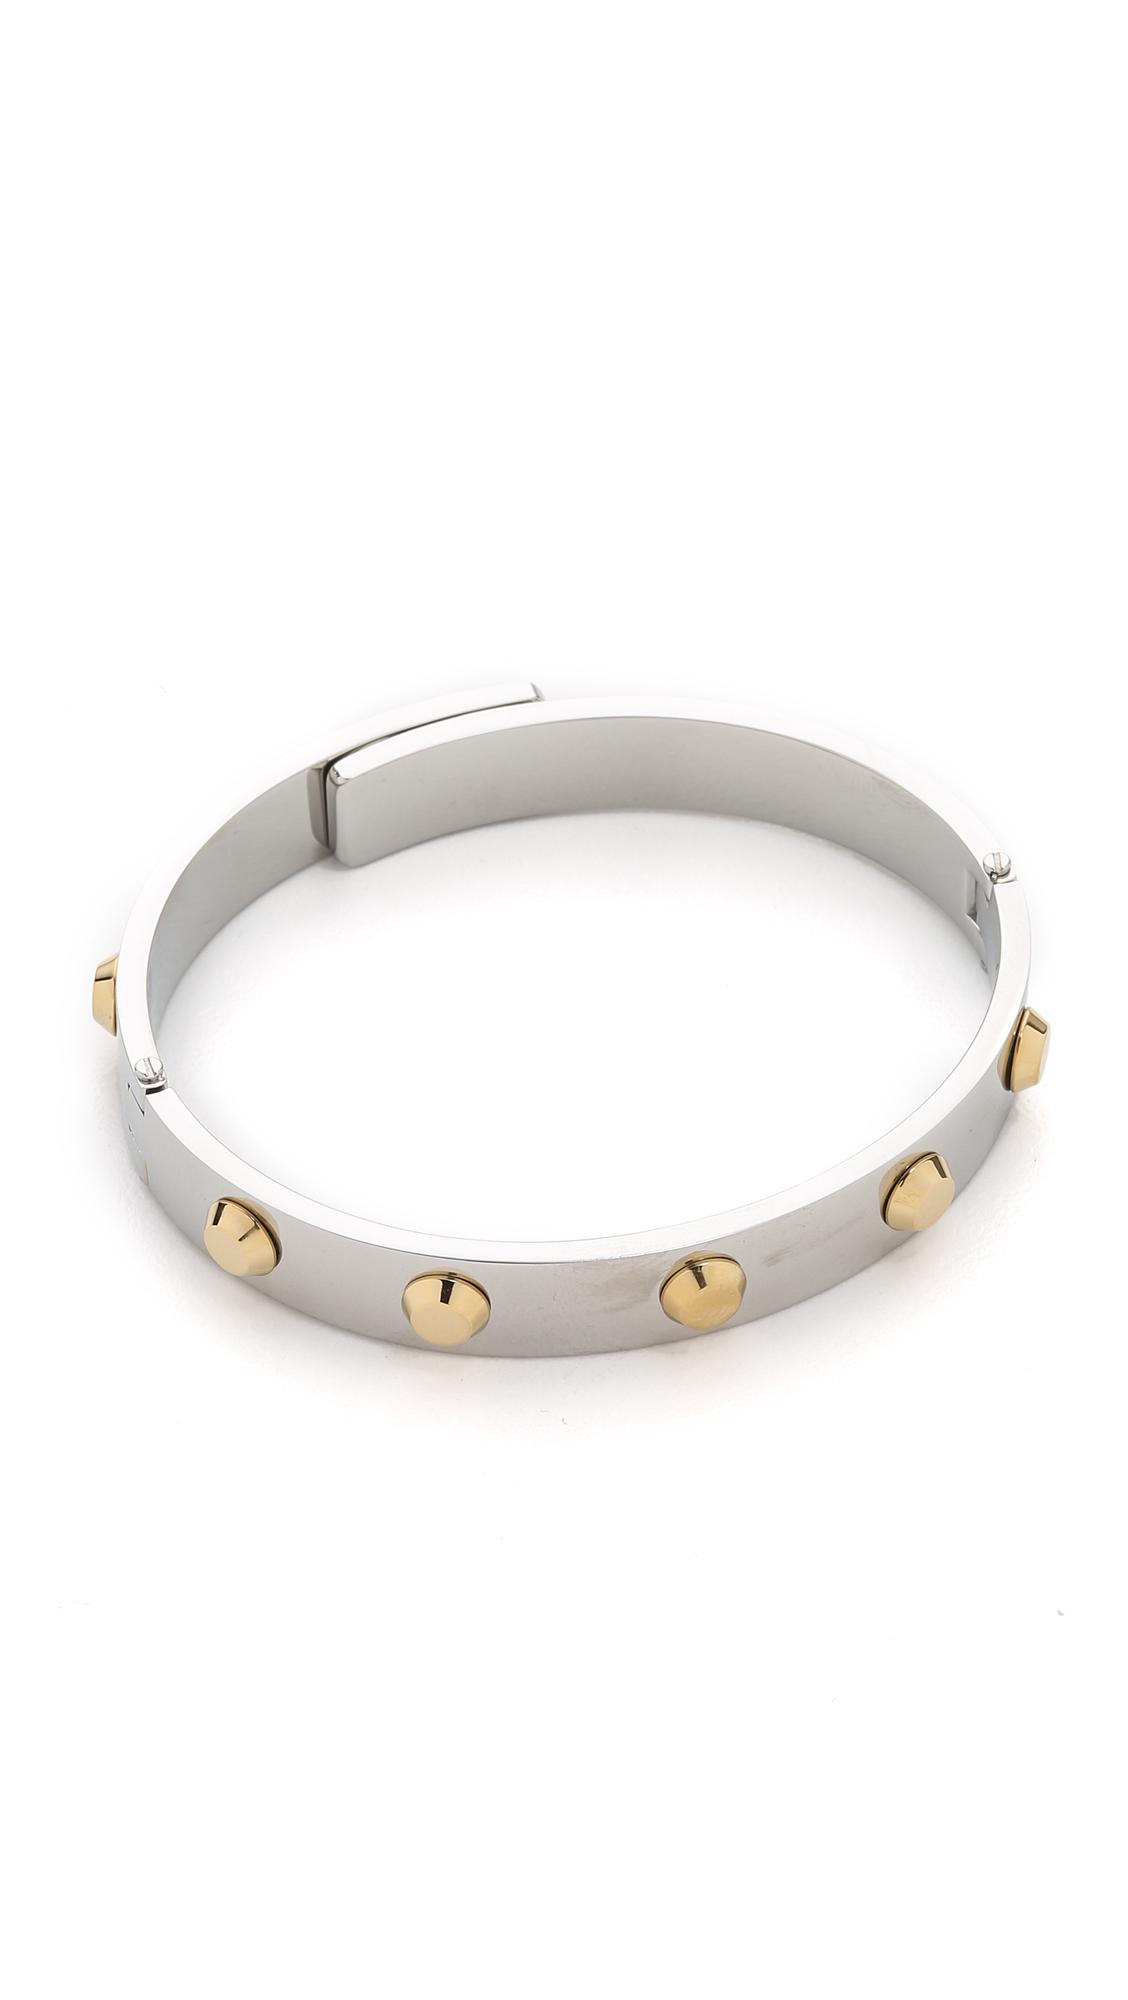 michael kors astor hinge bangle bracelet in metallic lyst. Black Bedroom Furniture Sets. Home Design Ideas